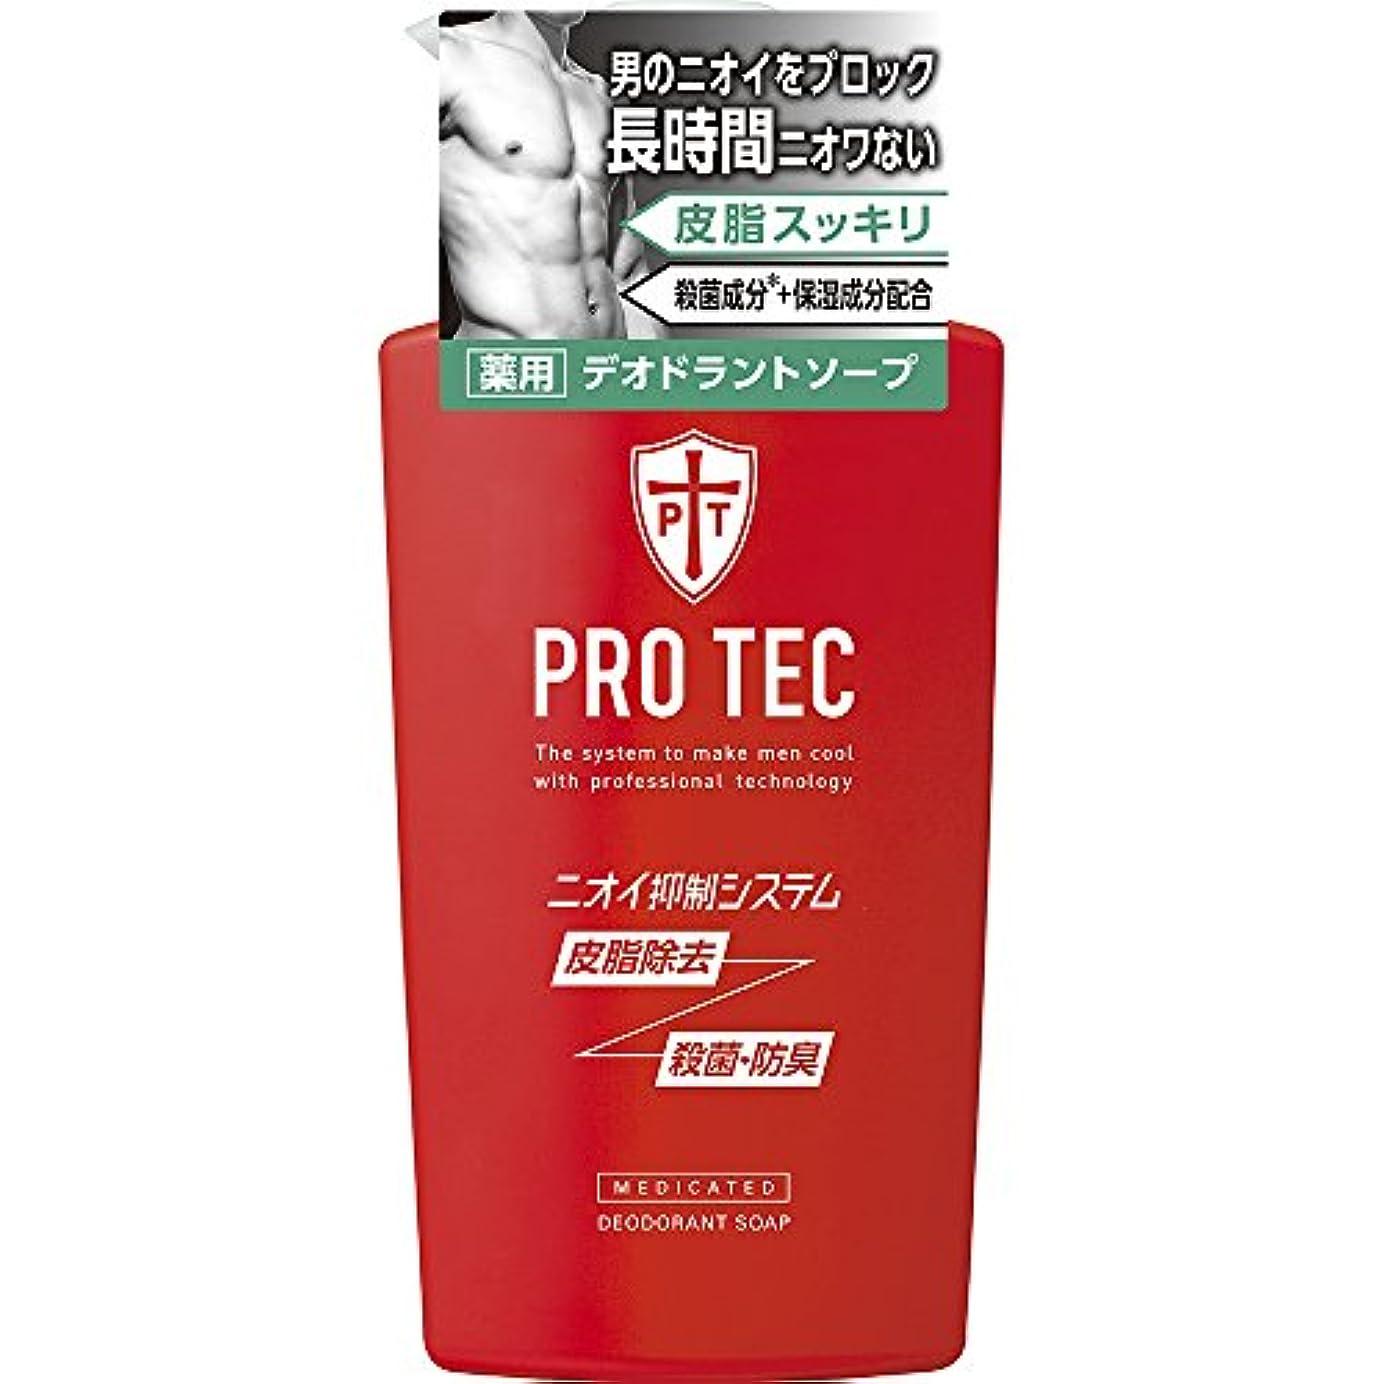 アームストロングワードローブ落胆させるPRO TEC(プロテク) デオドラントソープ 本体ポンプ 420ml